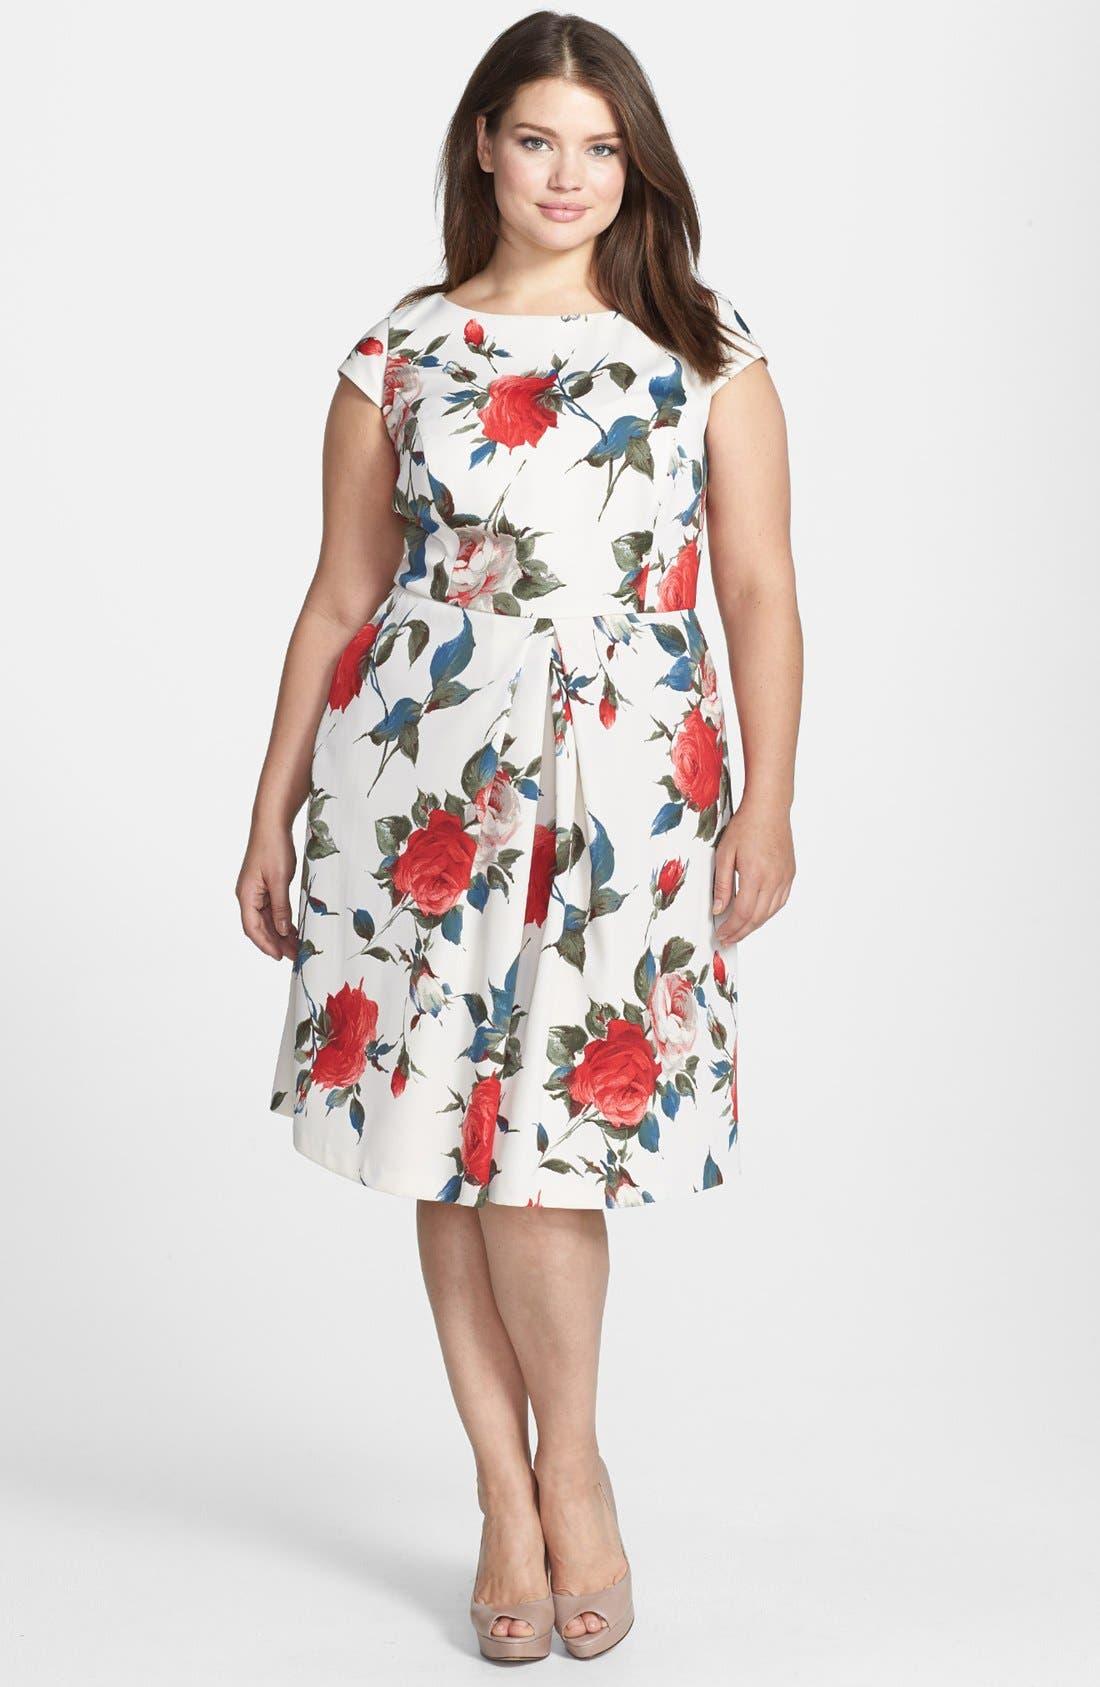 Main Image - ABS by Allen Schwartz Vintage Floral Print Fit & Flare Dress (Plus Size)